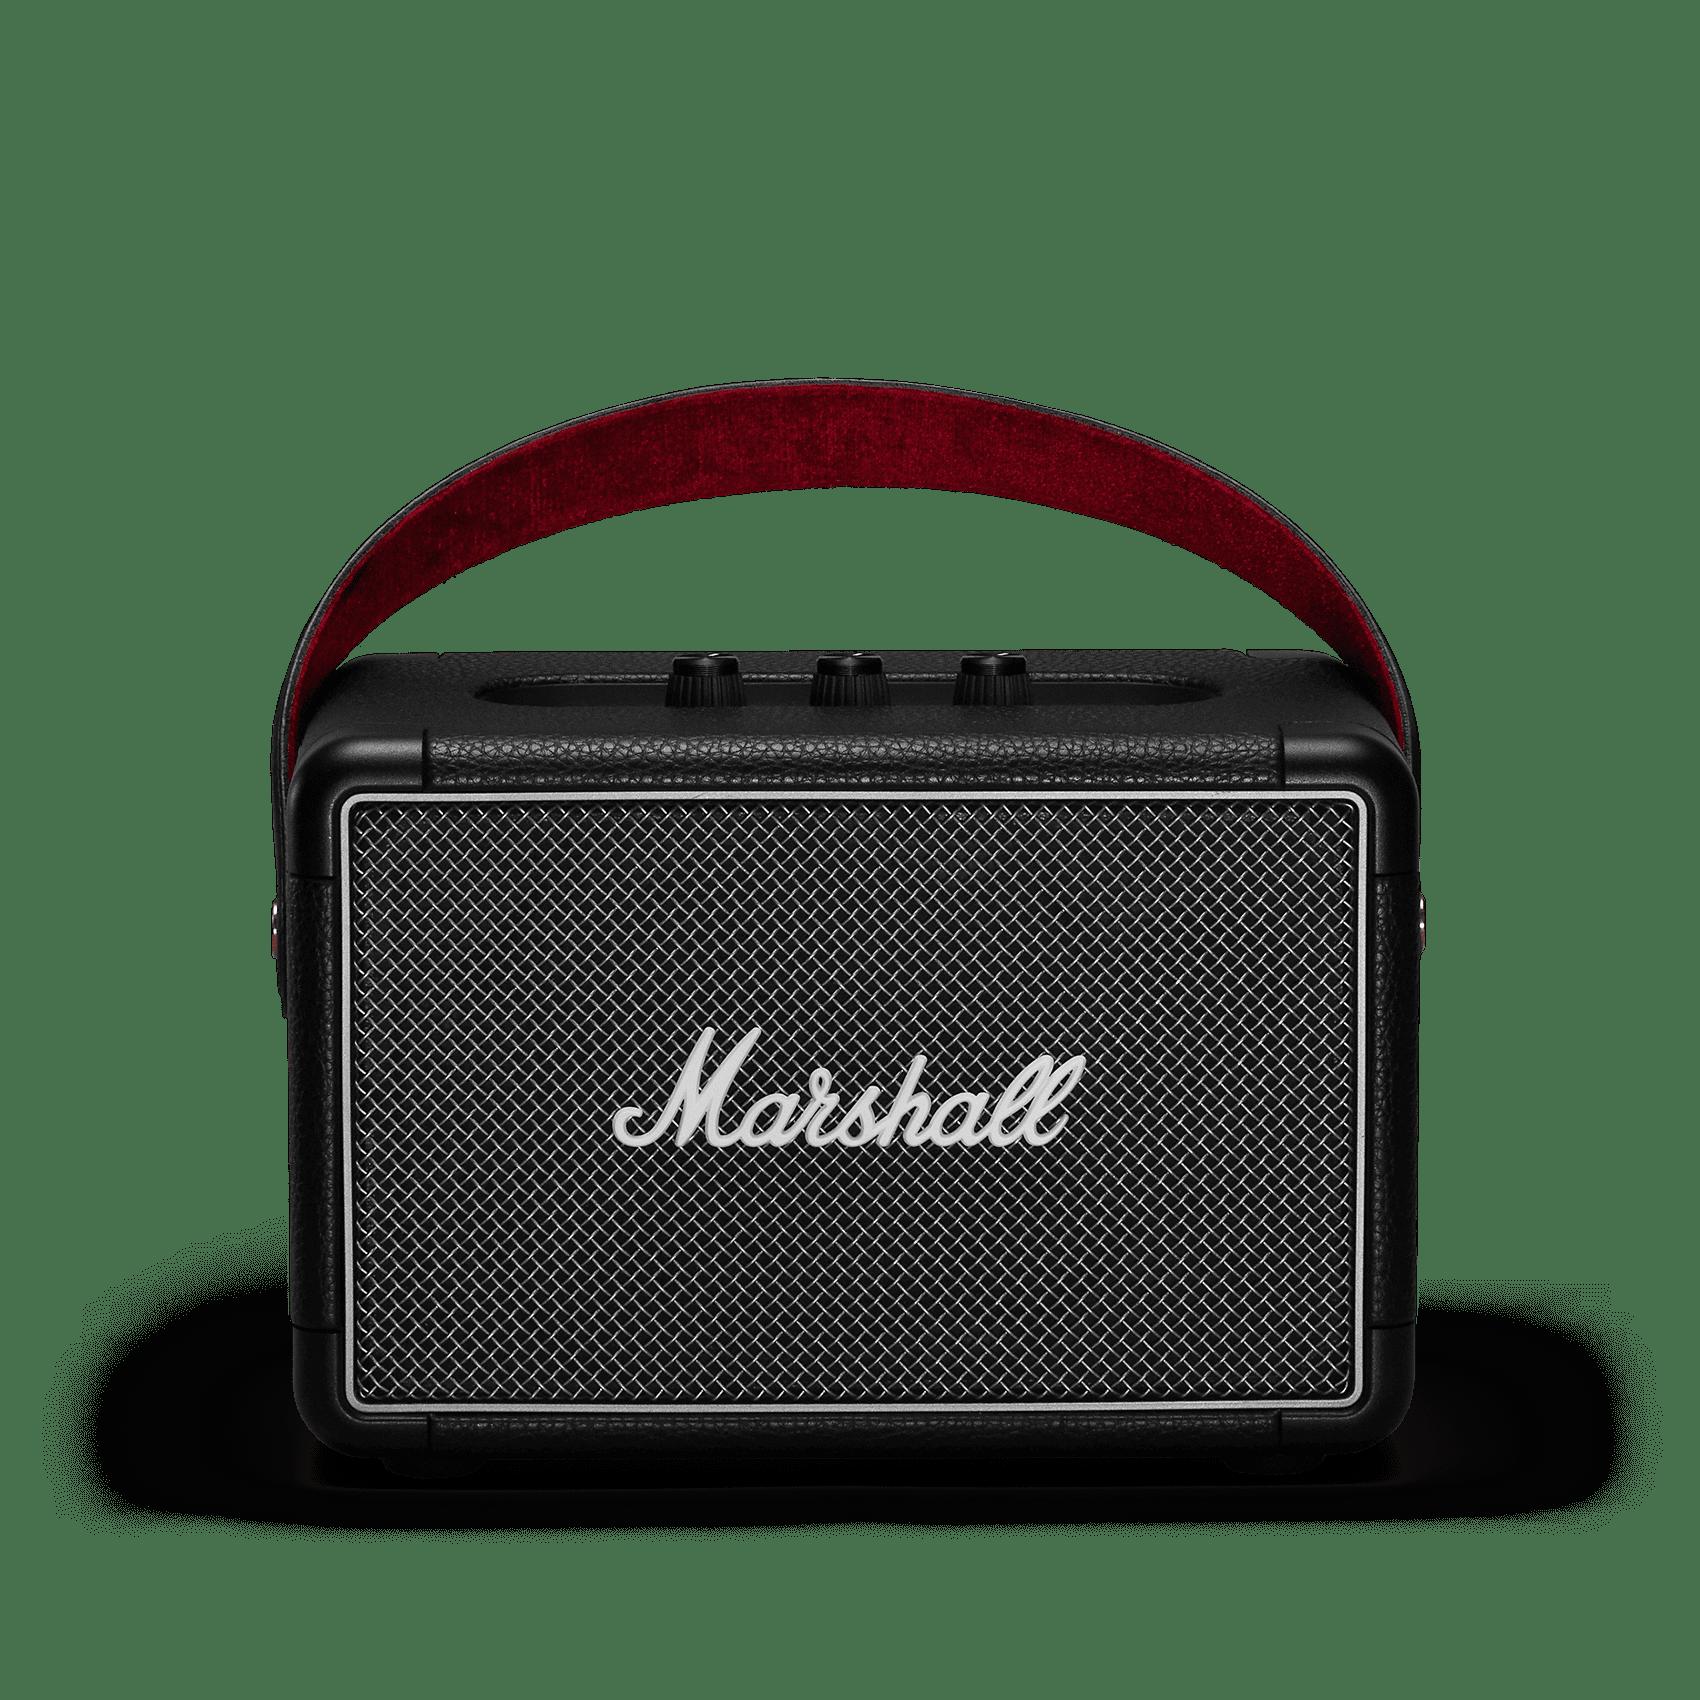 Portable Bluetooth Speakers | Marshall